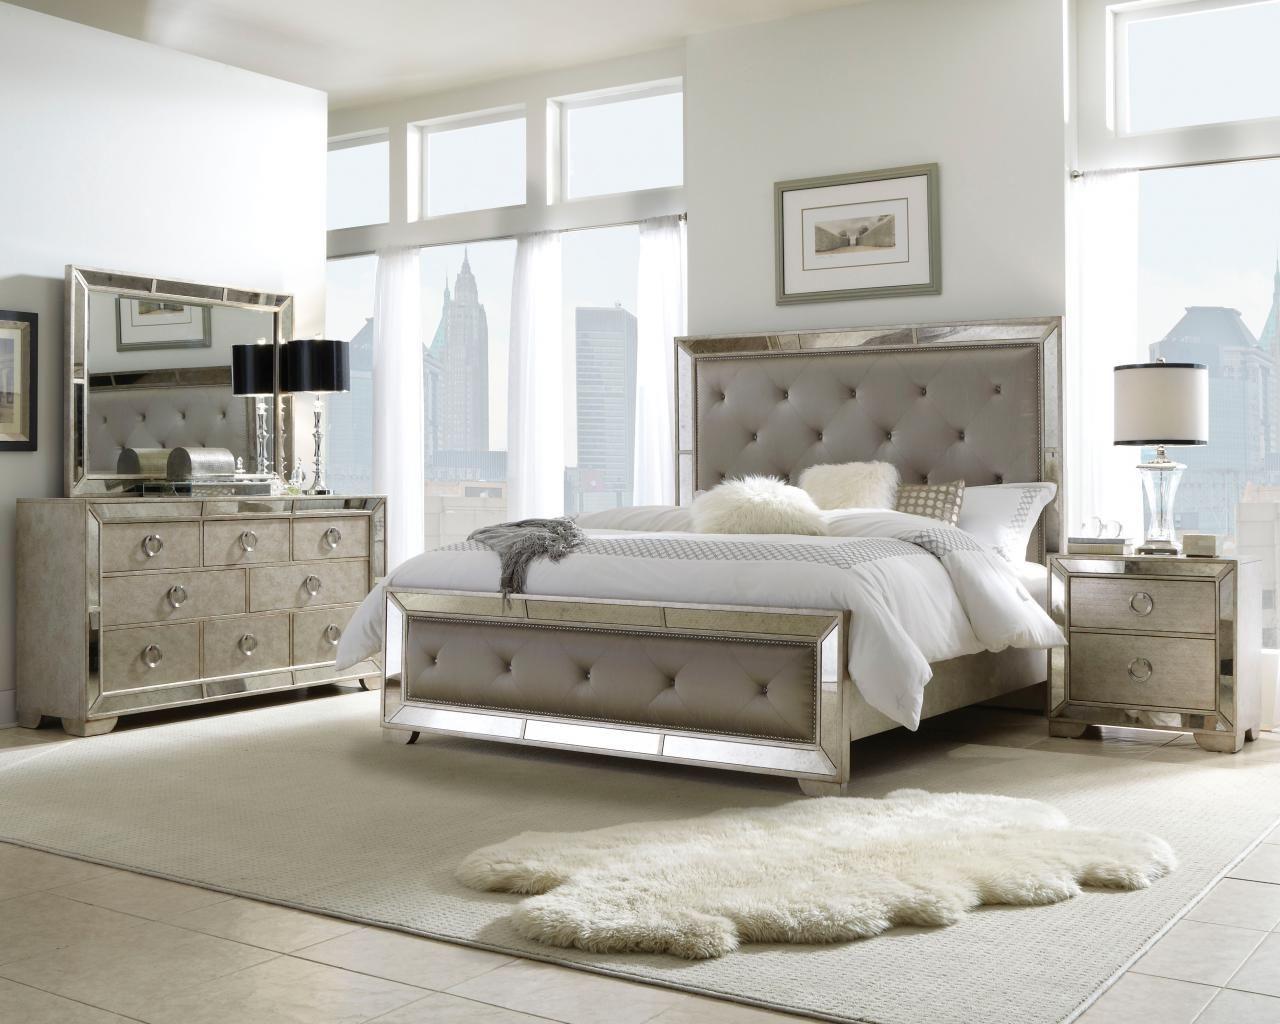 king bedroom furniture sets under 1000 photo - 4